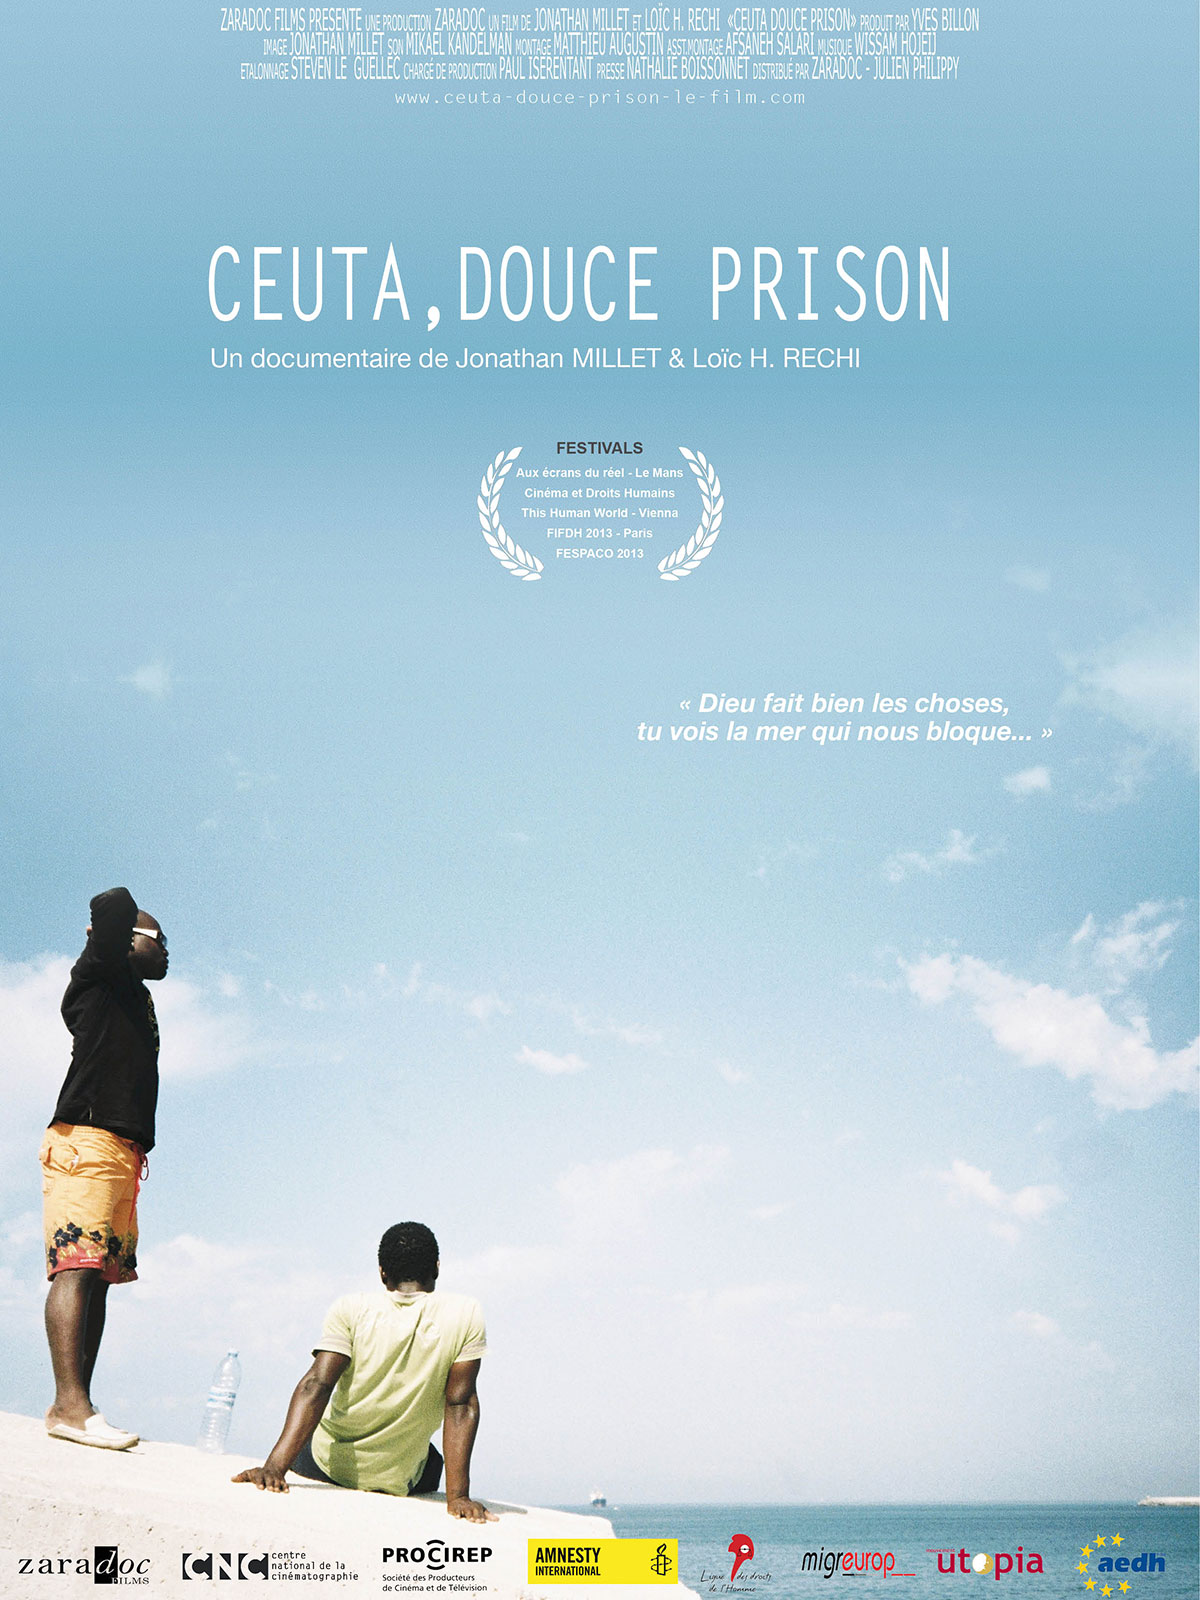 Ceuta douce prison